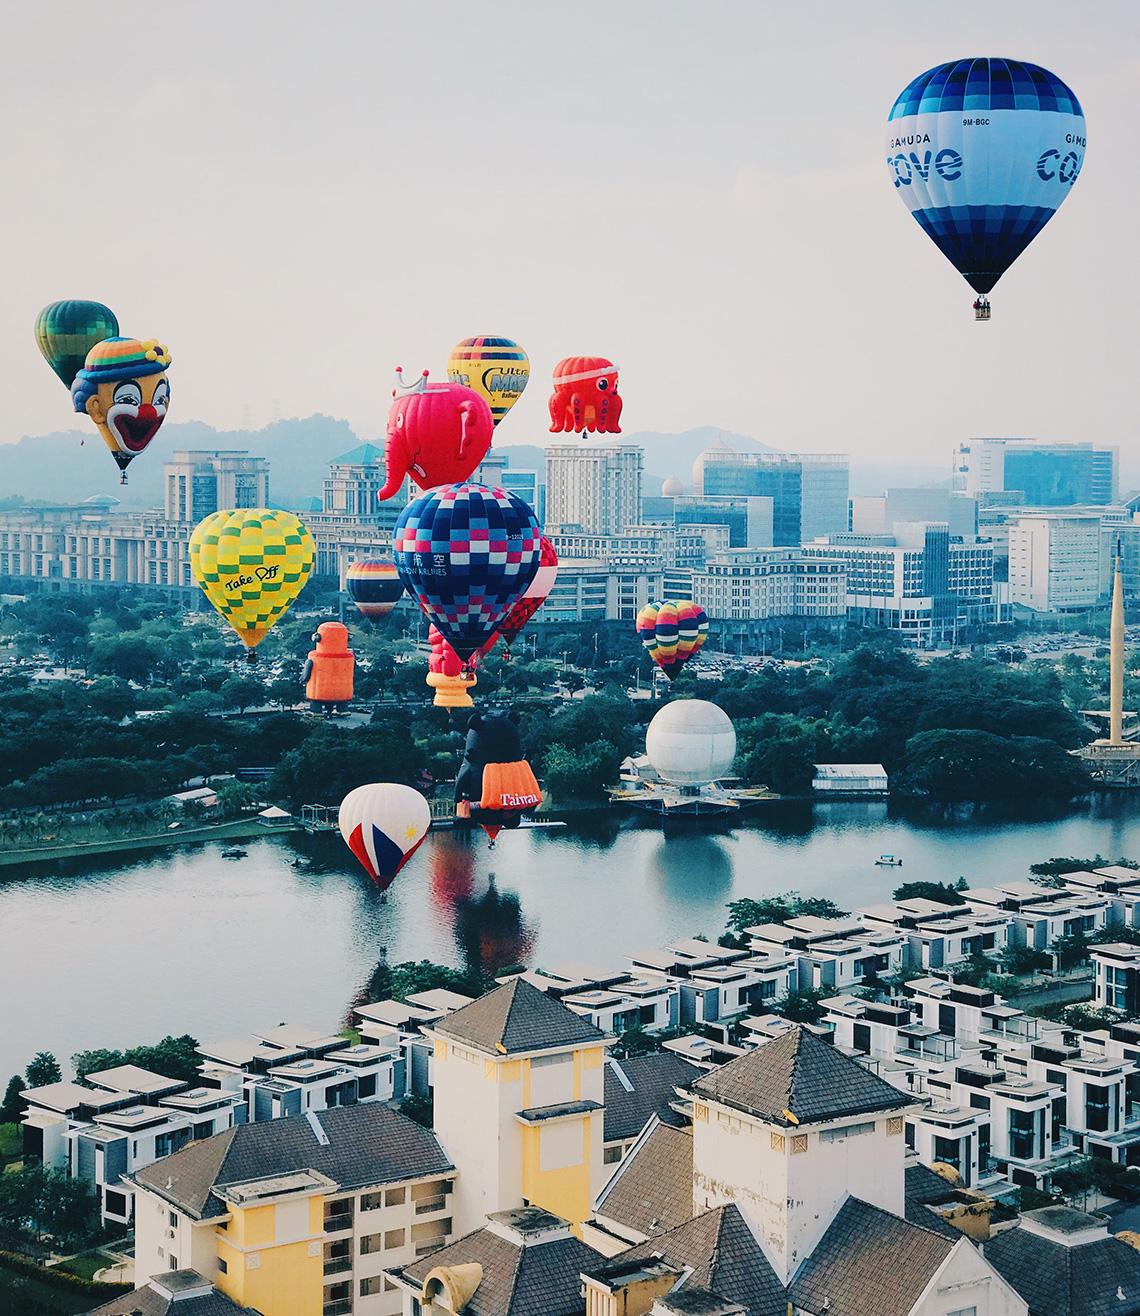 Heteluchtballon festival van Maleisië